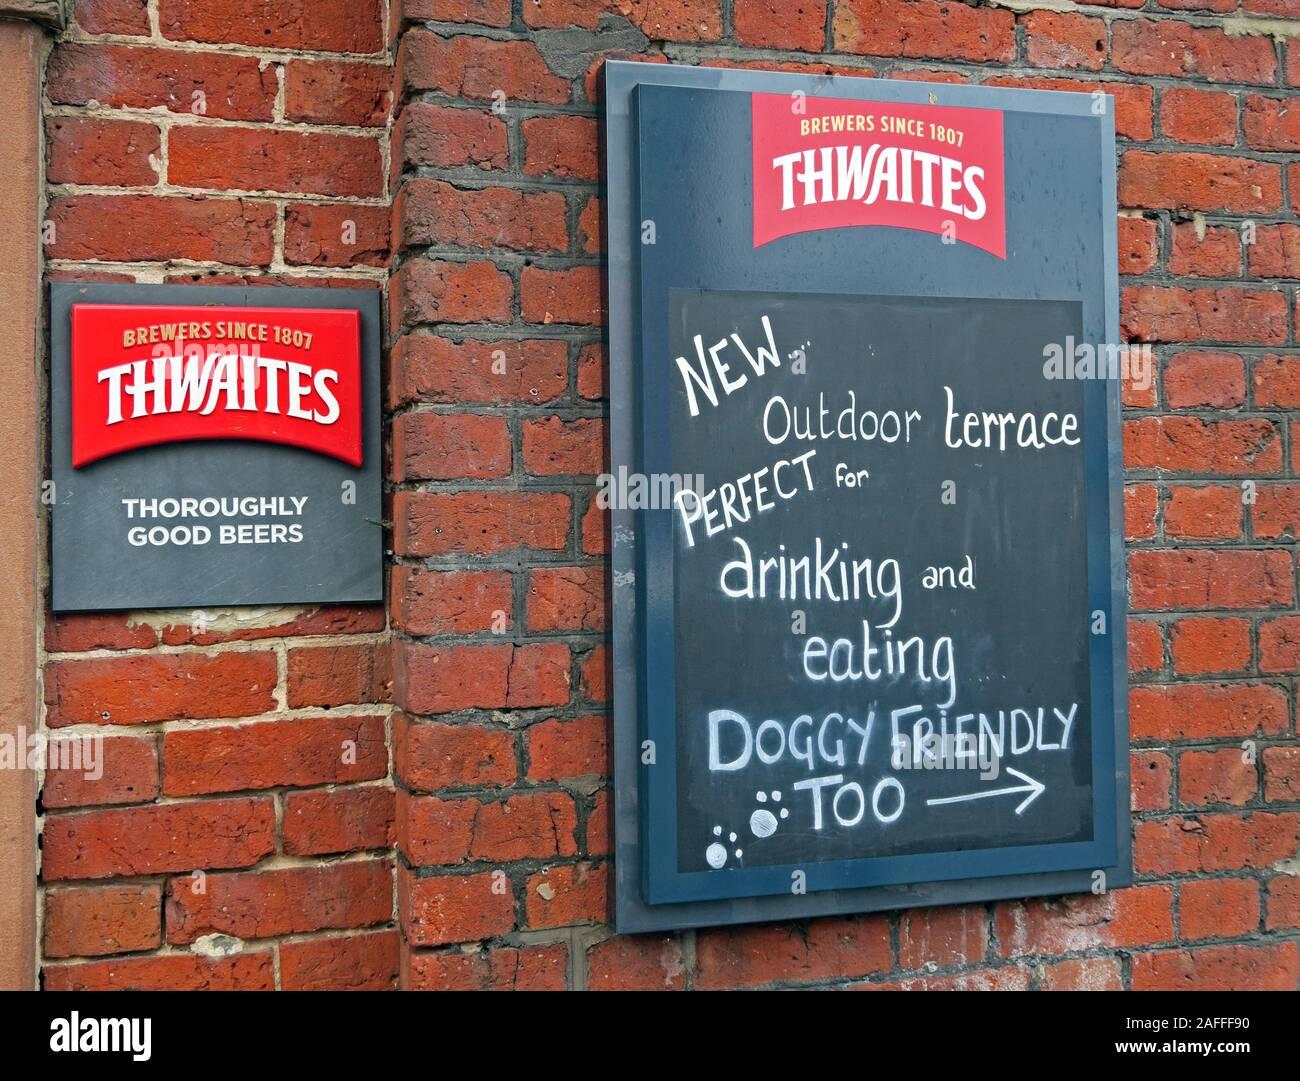 Dieses Stockfoto: Thwaites, hundefreundliches Pub-Schild, The Red Lion, Stockton Heath, London Rd, Stockton Heath, Warrington, Cheshire, England, Großbritannien, WA4 6HN - 2AFFF9